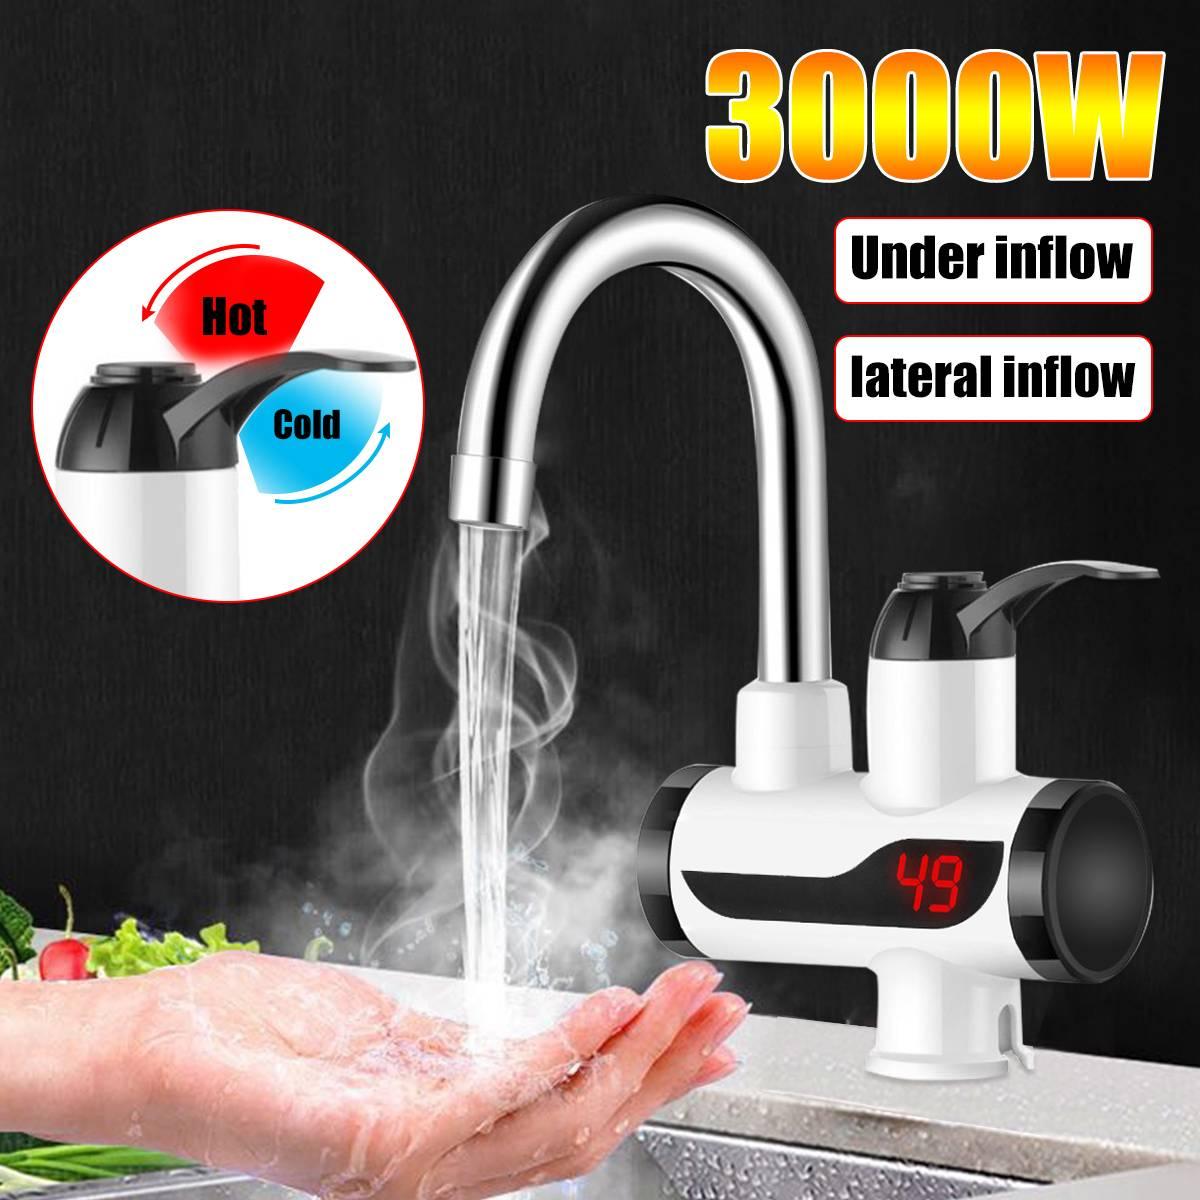 3000W instantané électrique robinet robinet chauffe-eau LED affichage salle de bain cuisine robinet robinet chauffe-eau avec et couleur noire